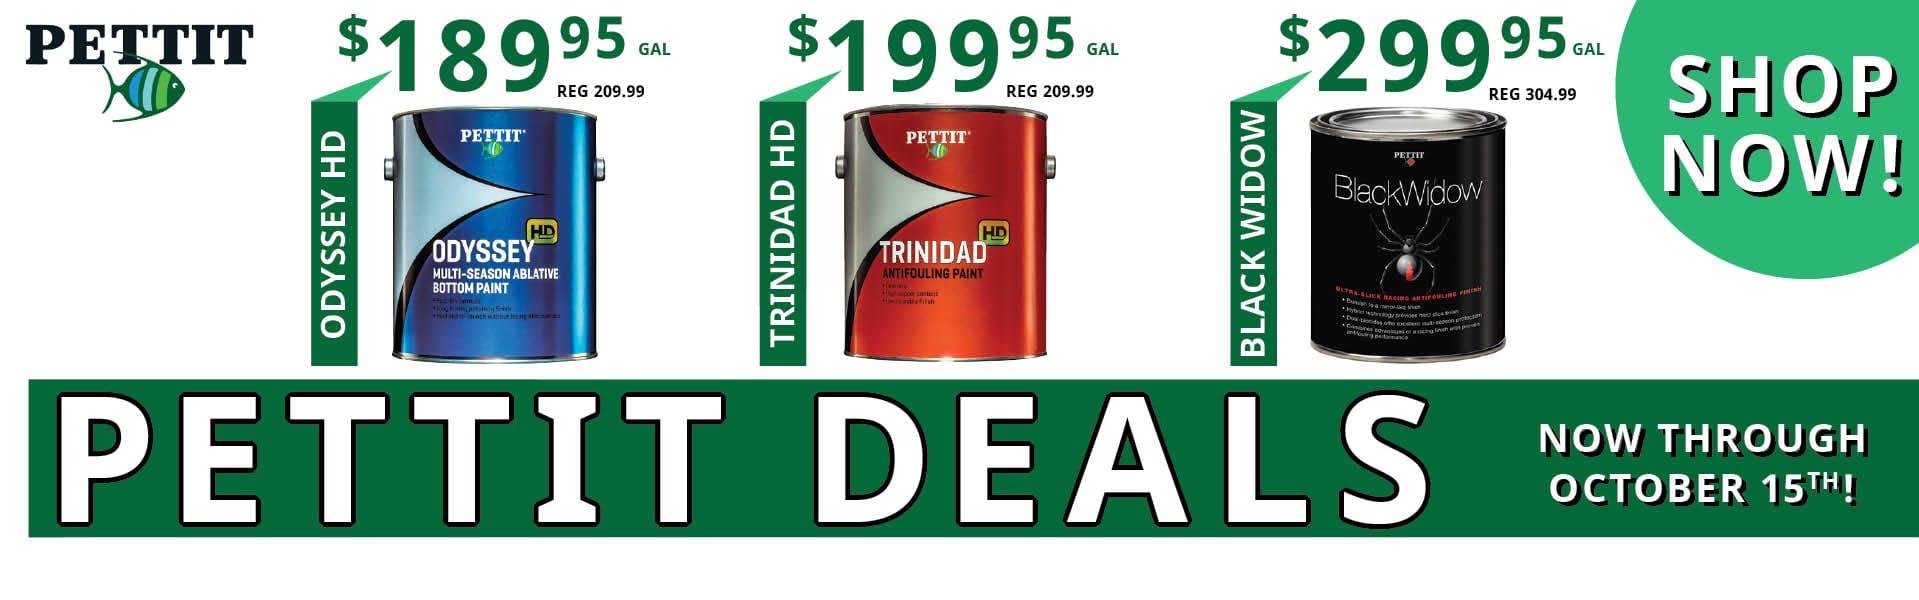 Pettit Deals